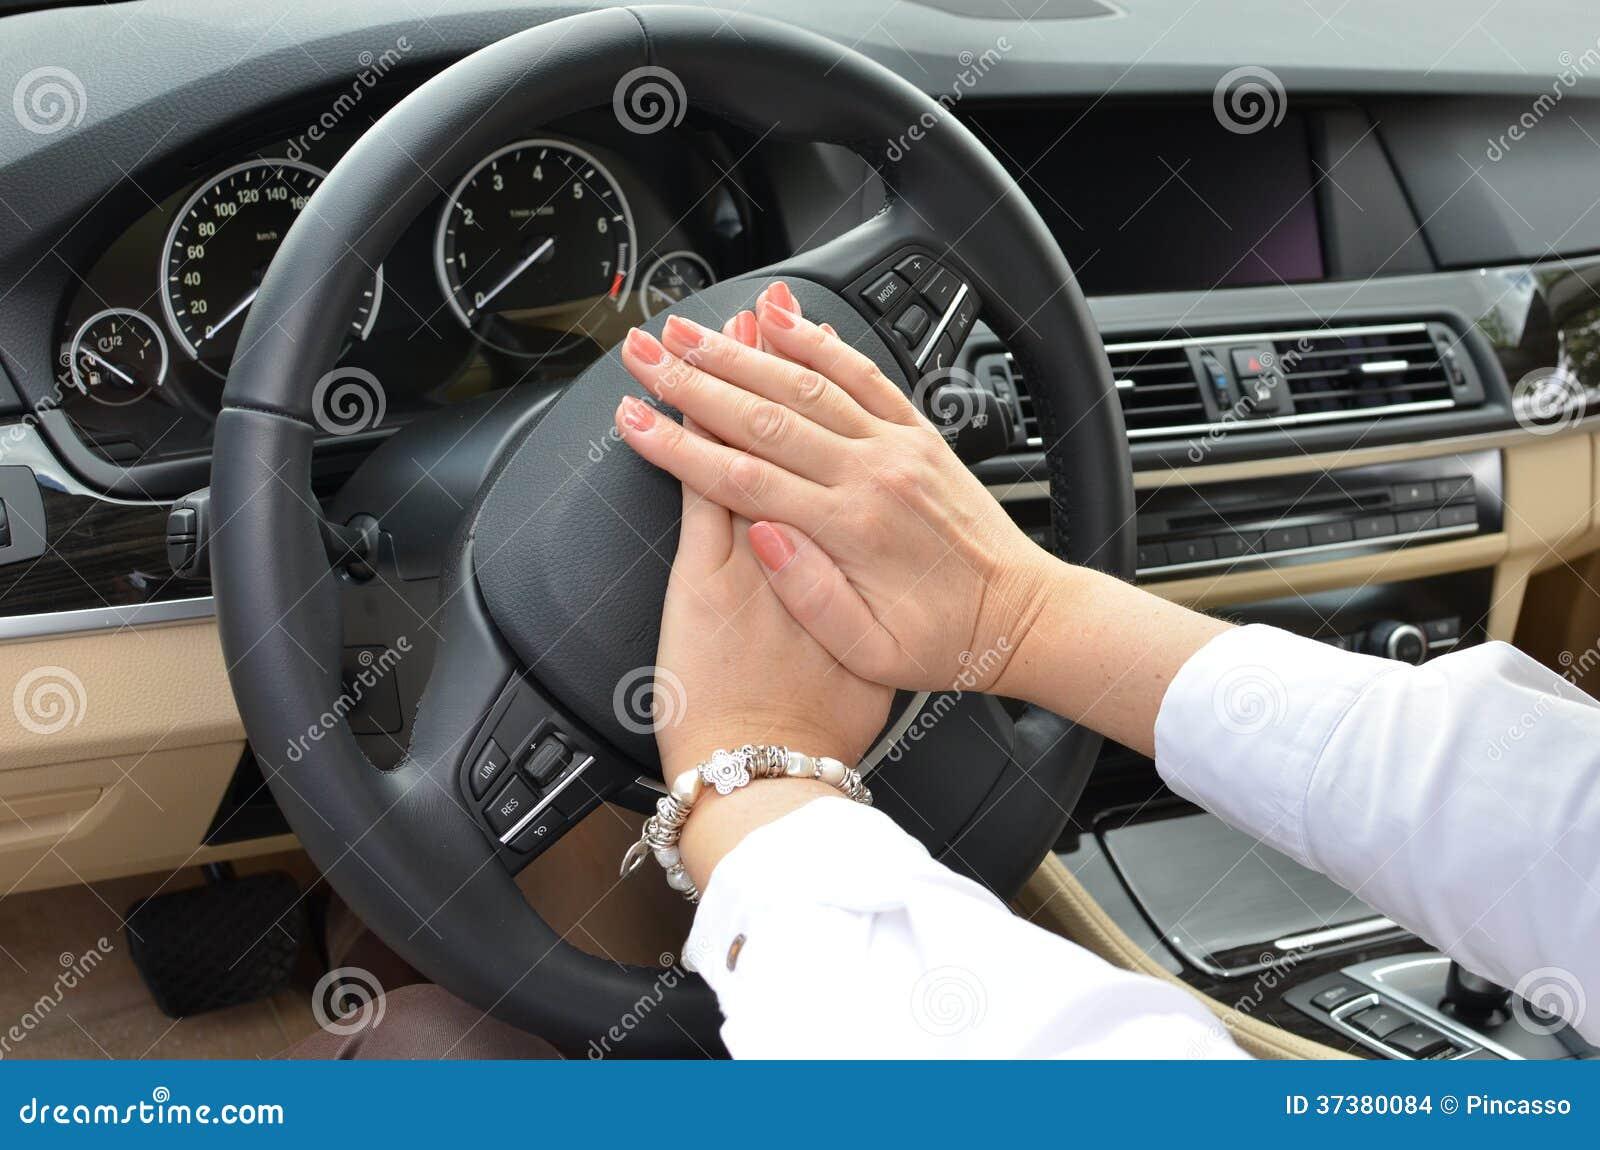 beeping car driver stock images image 37380084. Black Bedroom Furniture Sets. Home Design Ideas